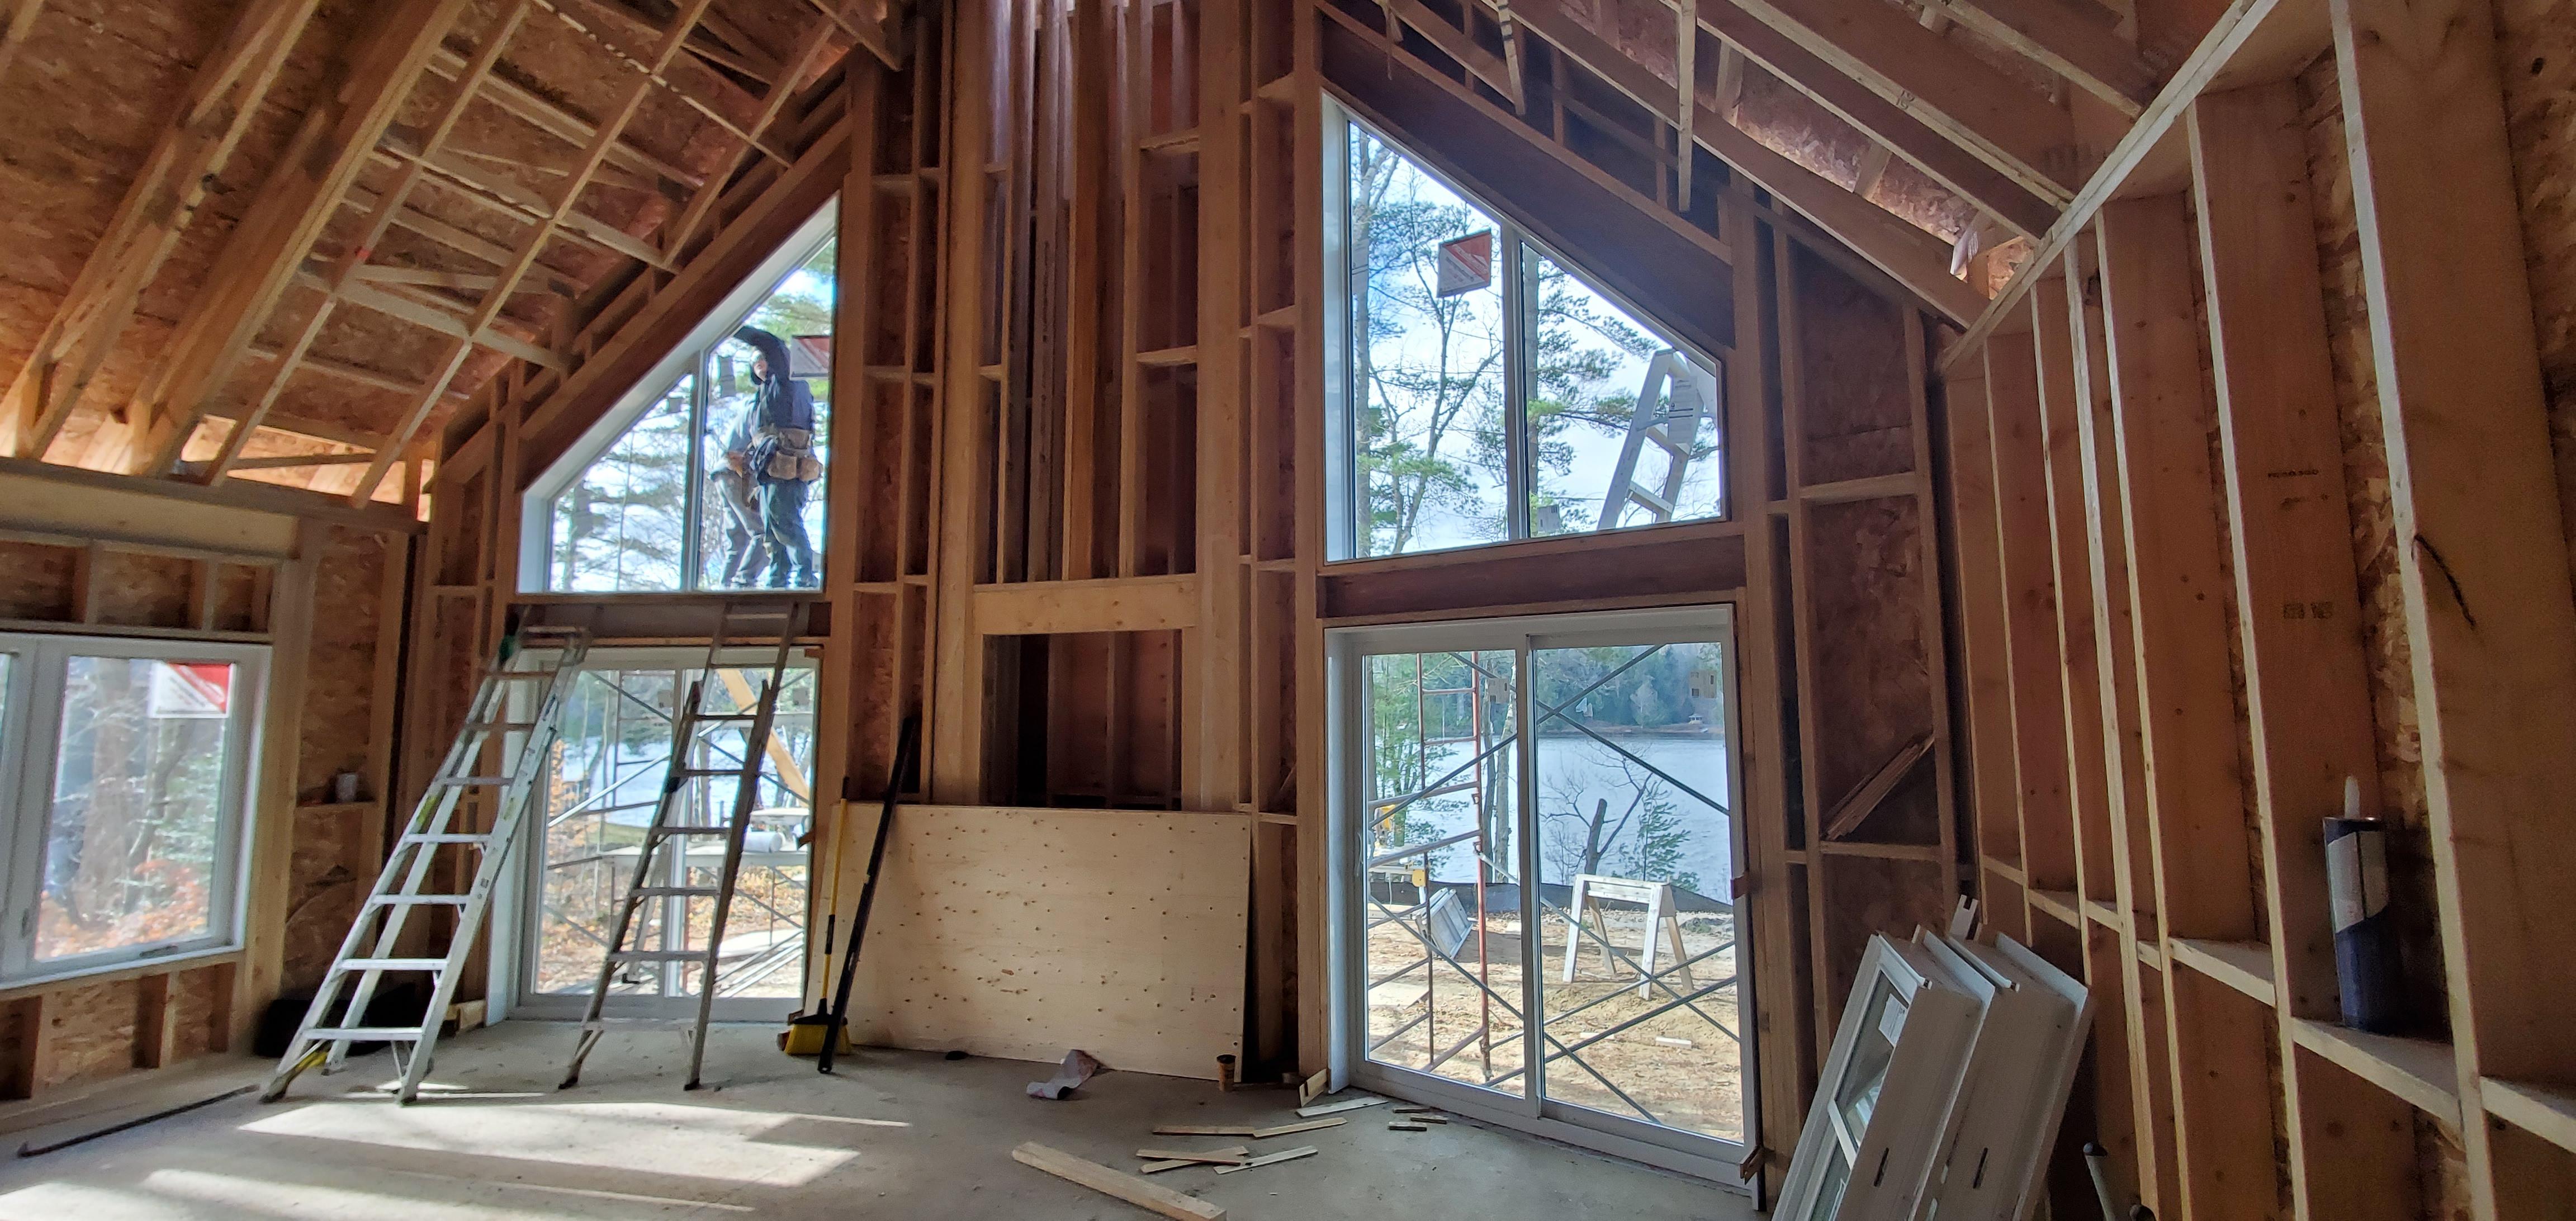 Installing Upper Windows